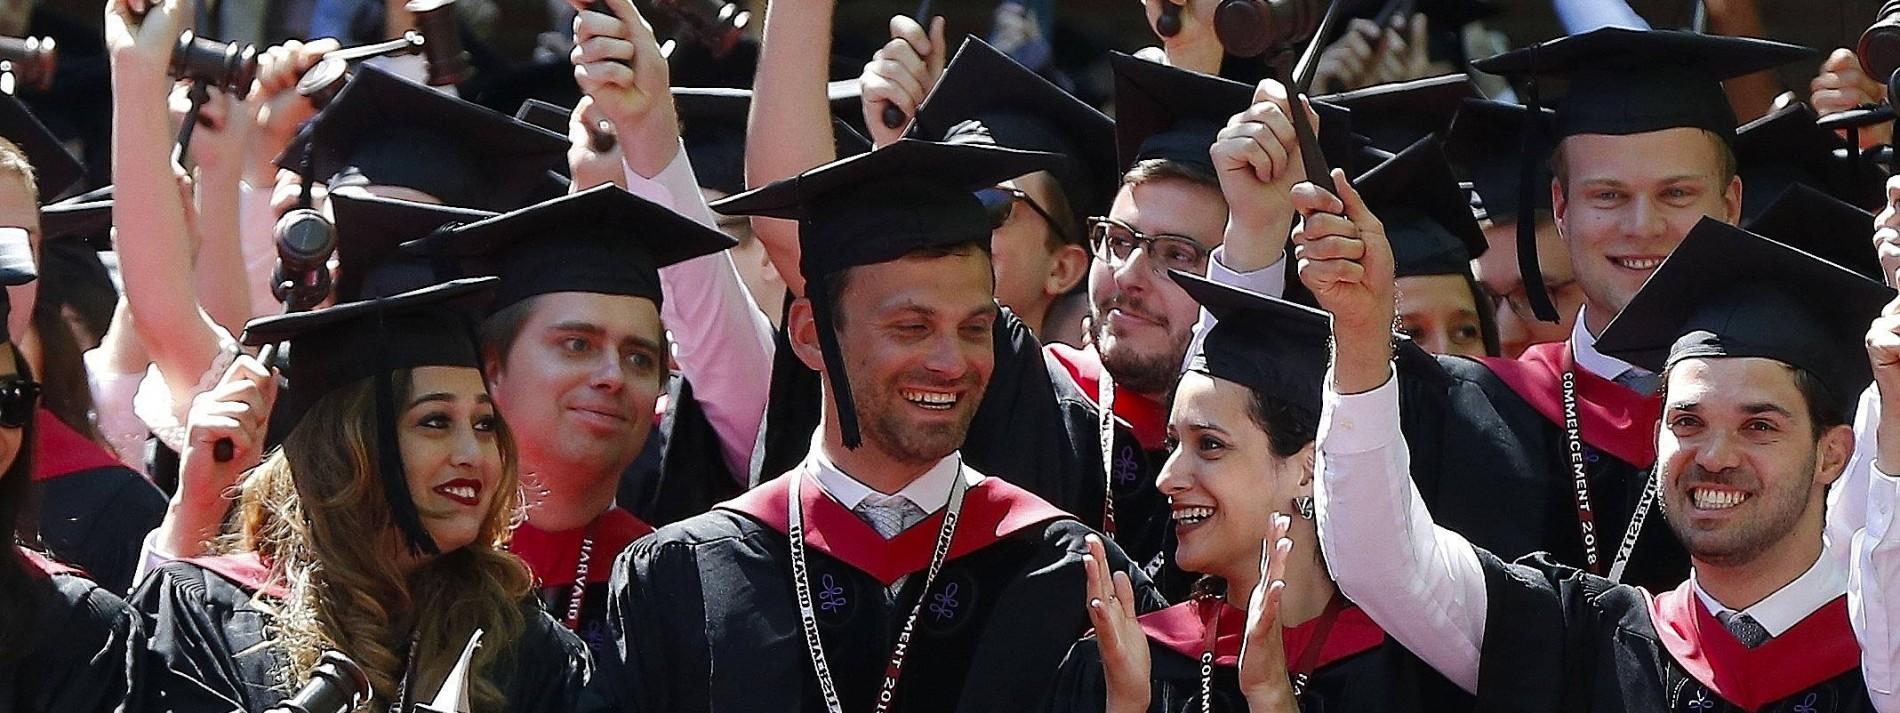 Amerikas Studenten haben 1,5 Billionen Dollar Schulden